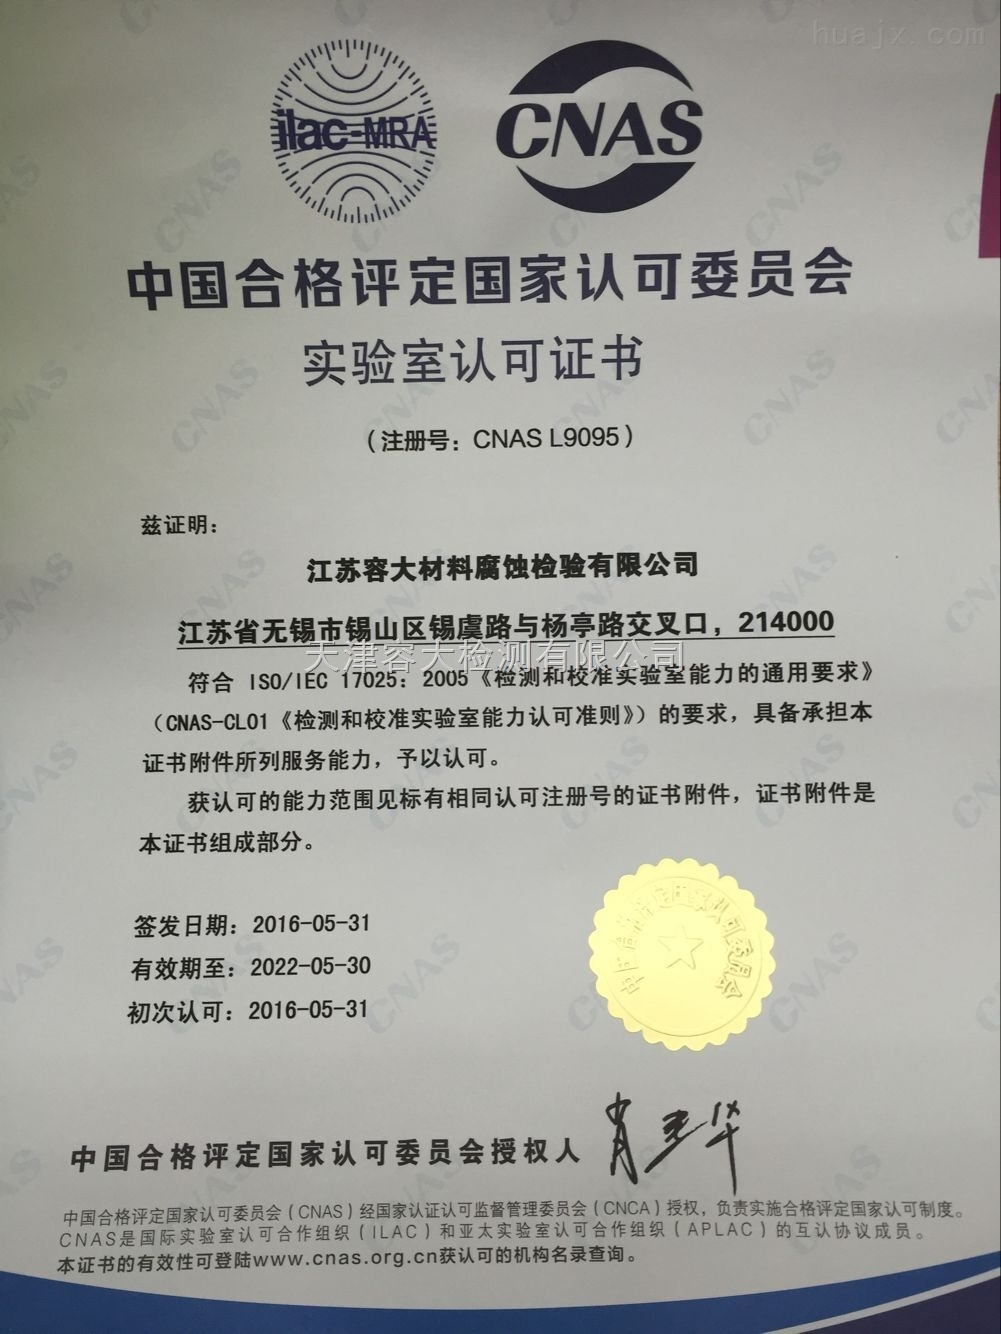 首頁 榮譽證書 > cnas資質  發證機構 中國合格評定國家認可委員會